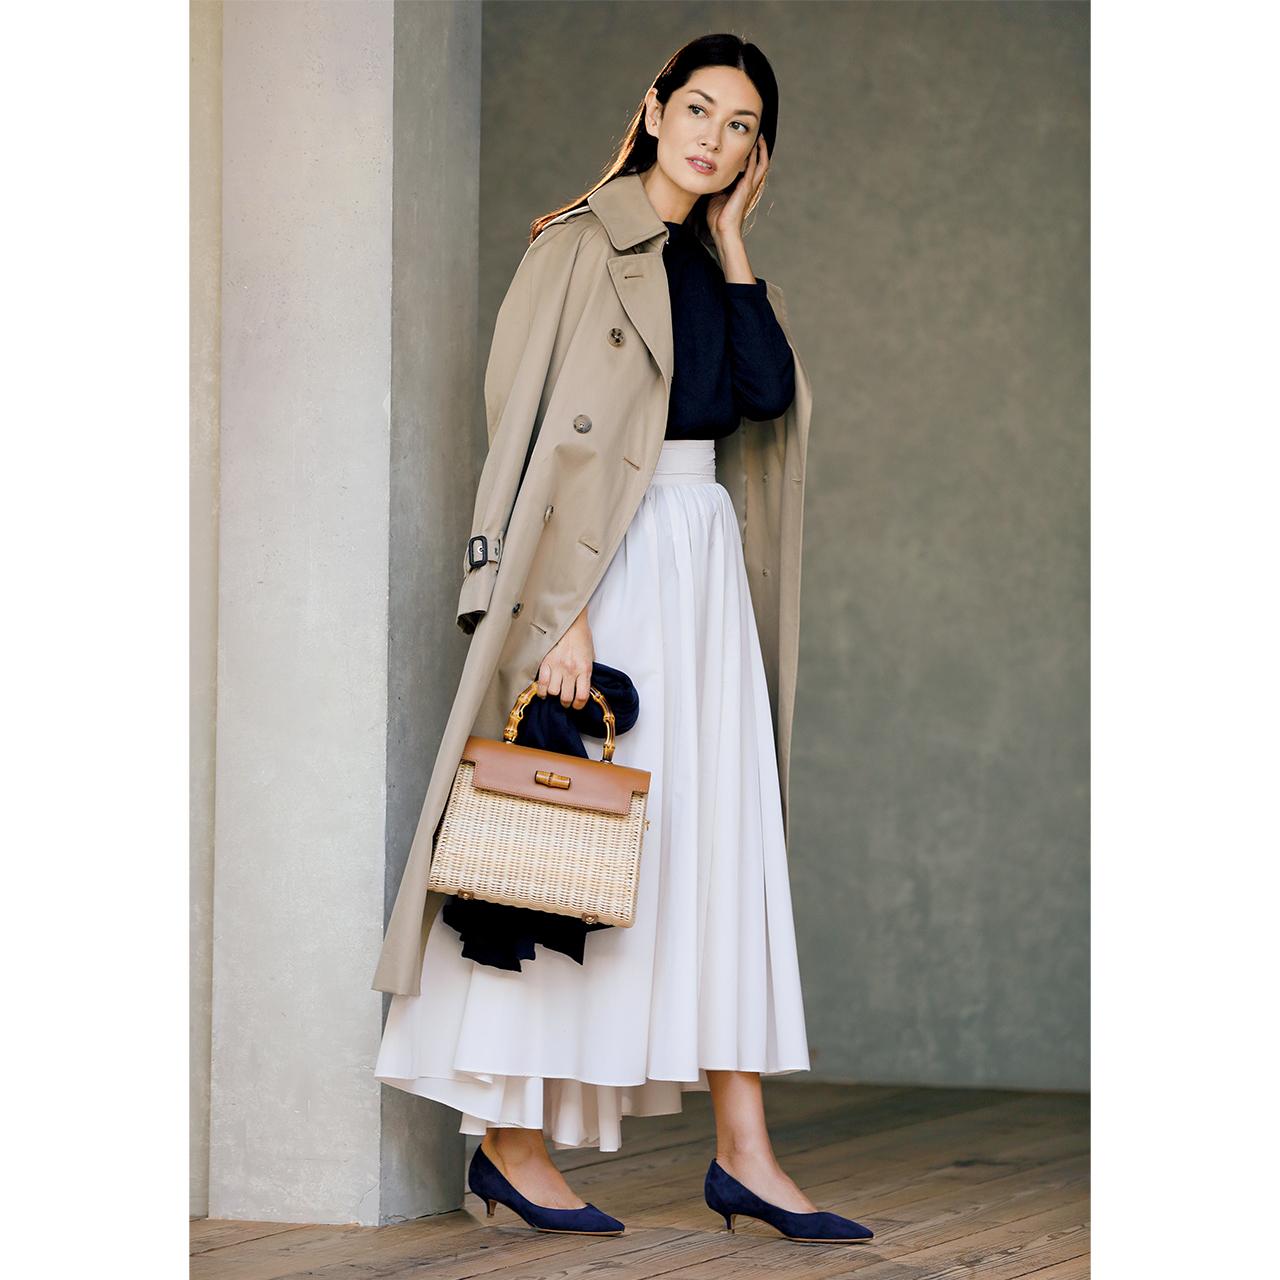 トレンチコート×スカート×キトゥンヒールコーデを着用したモデルのブレンダ